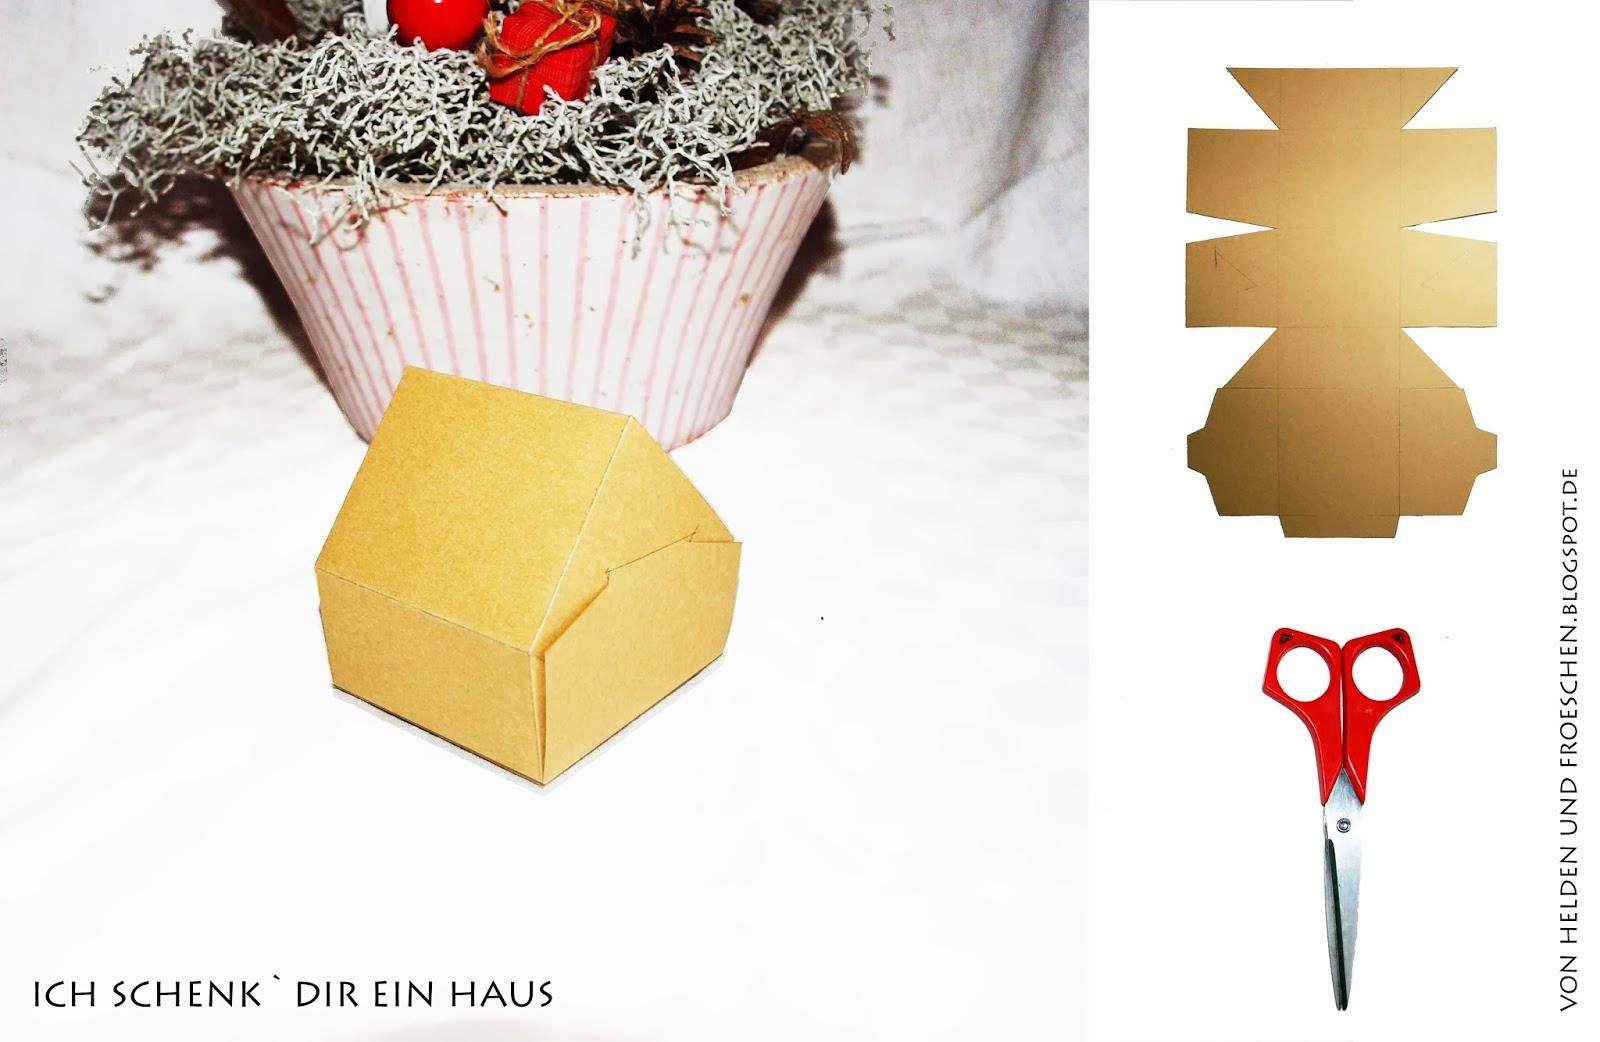 Geschenk Zum Hausbau. Haus Gemacht Geschenk Zum Einzug With Geschenk ...